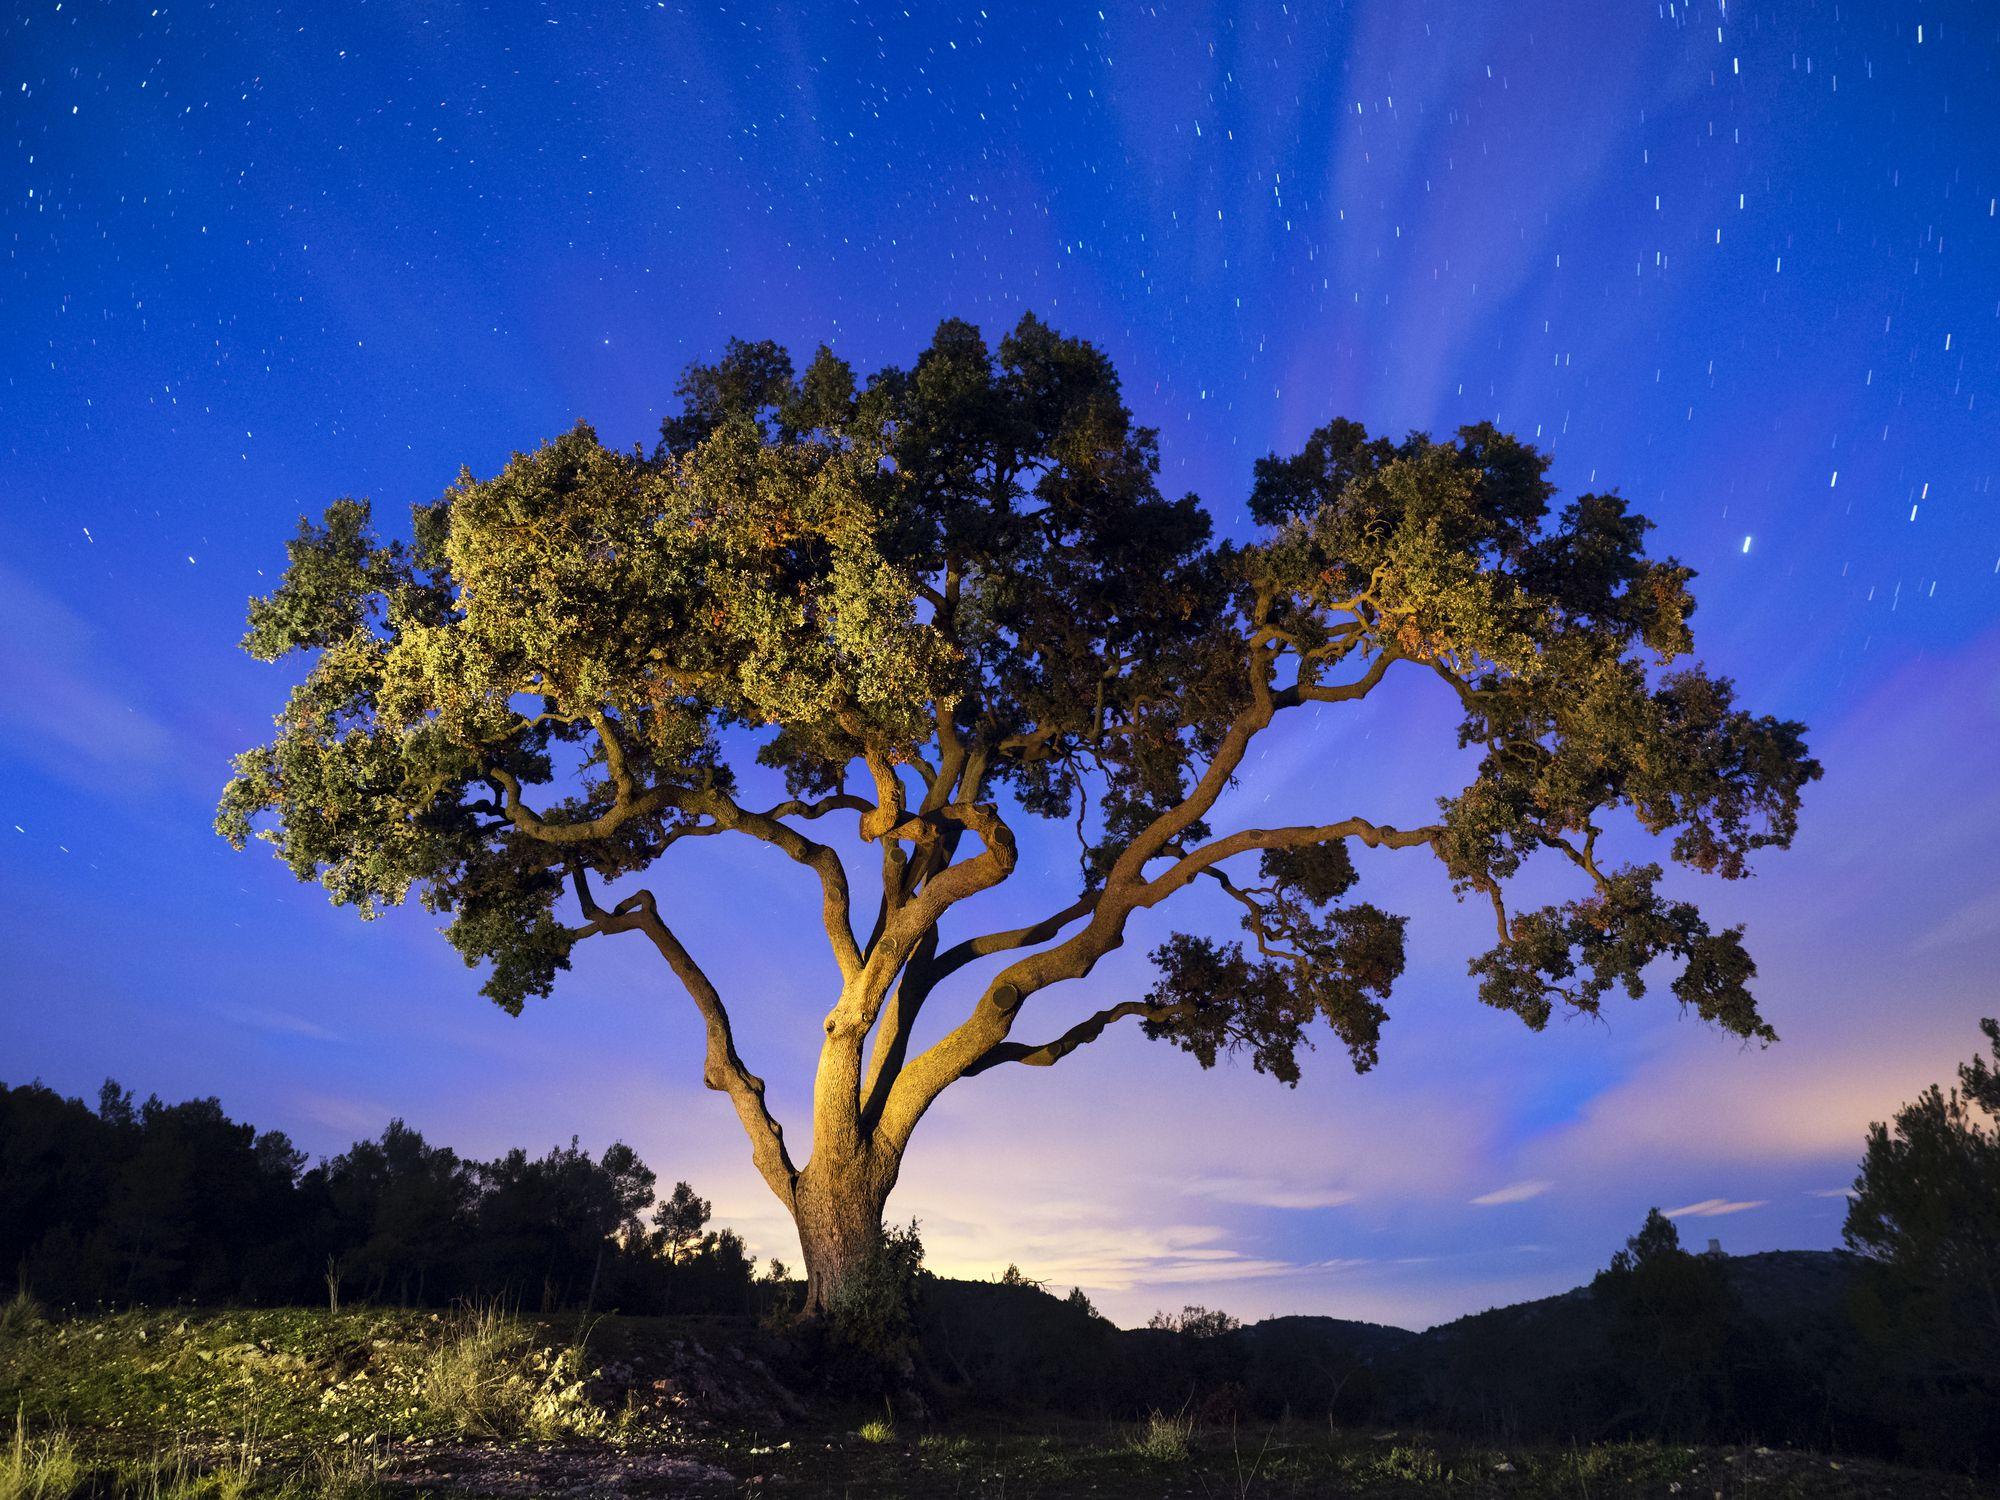 stort gammelt tre om natten med stjernehimmelen og en blå himmel